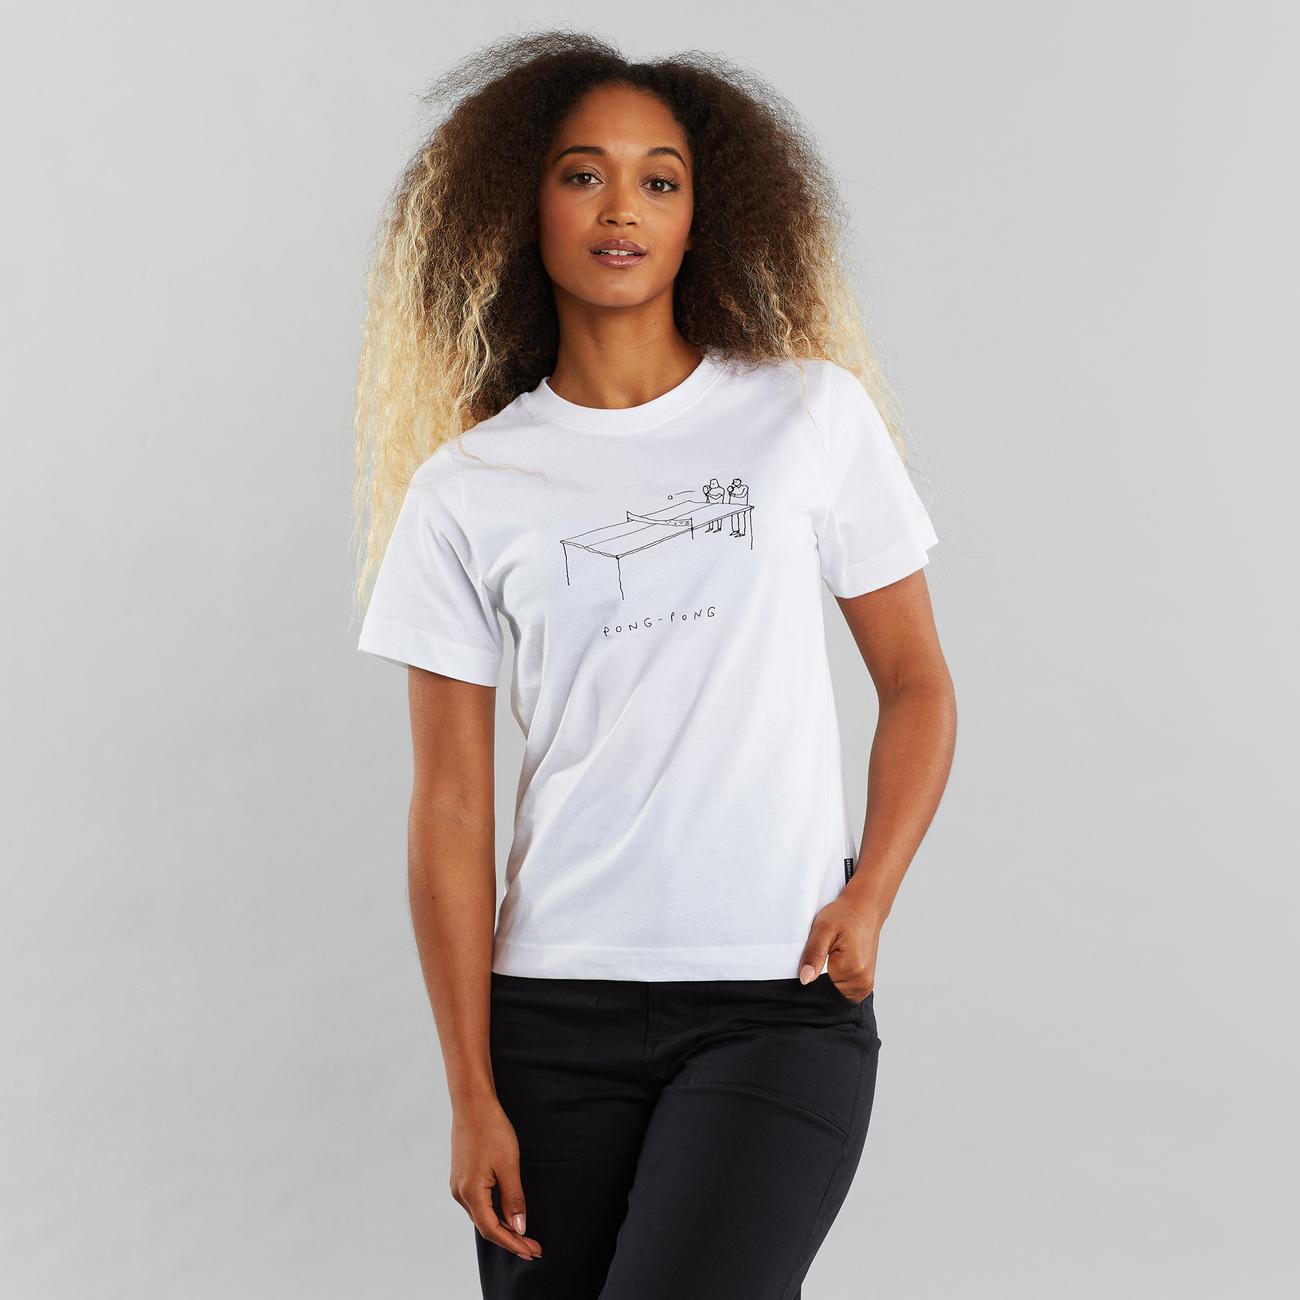 T-shirt Mysen Pong Pong White